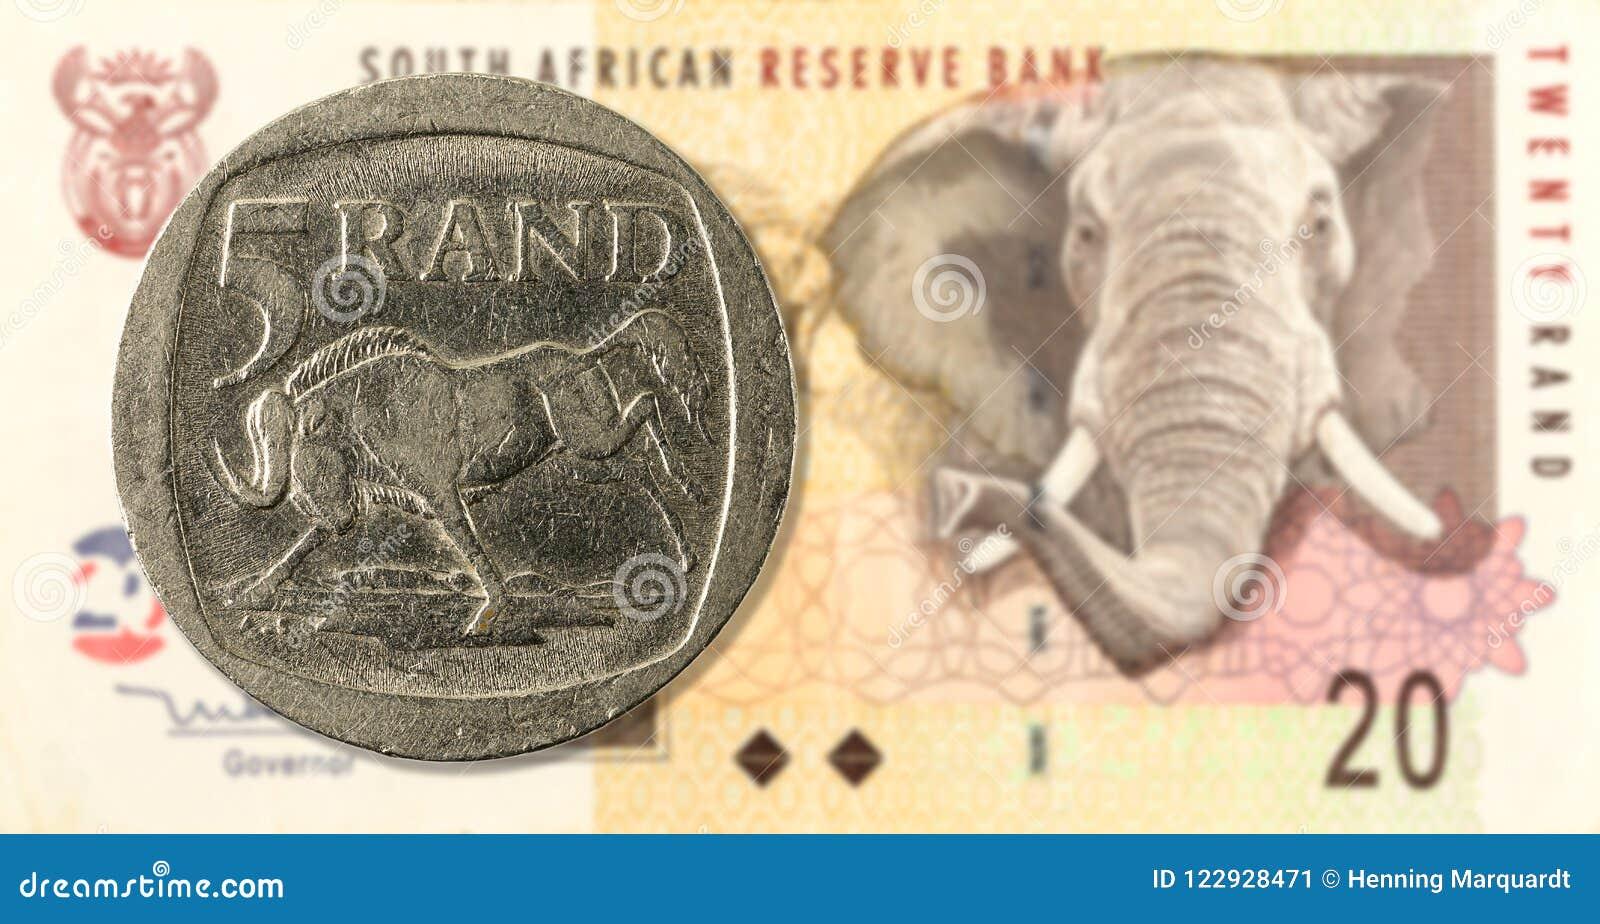 Una moneta da 5 bordi contro il complemento della banconota da 20 Rand sudafricani